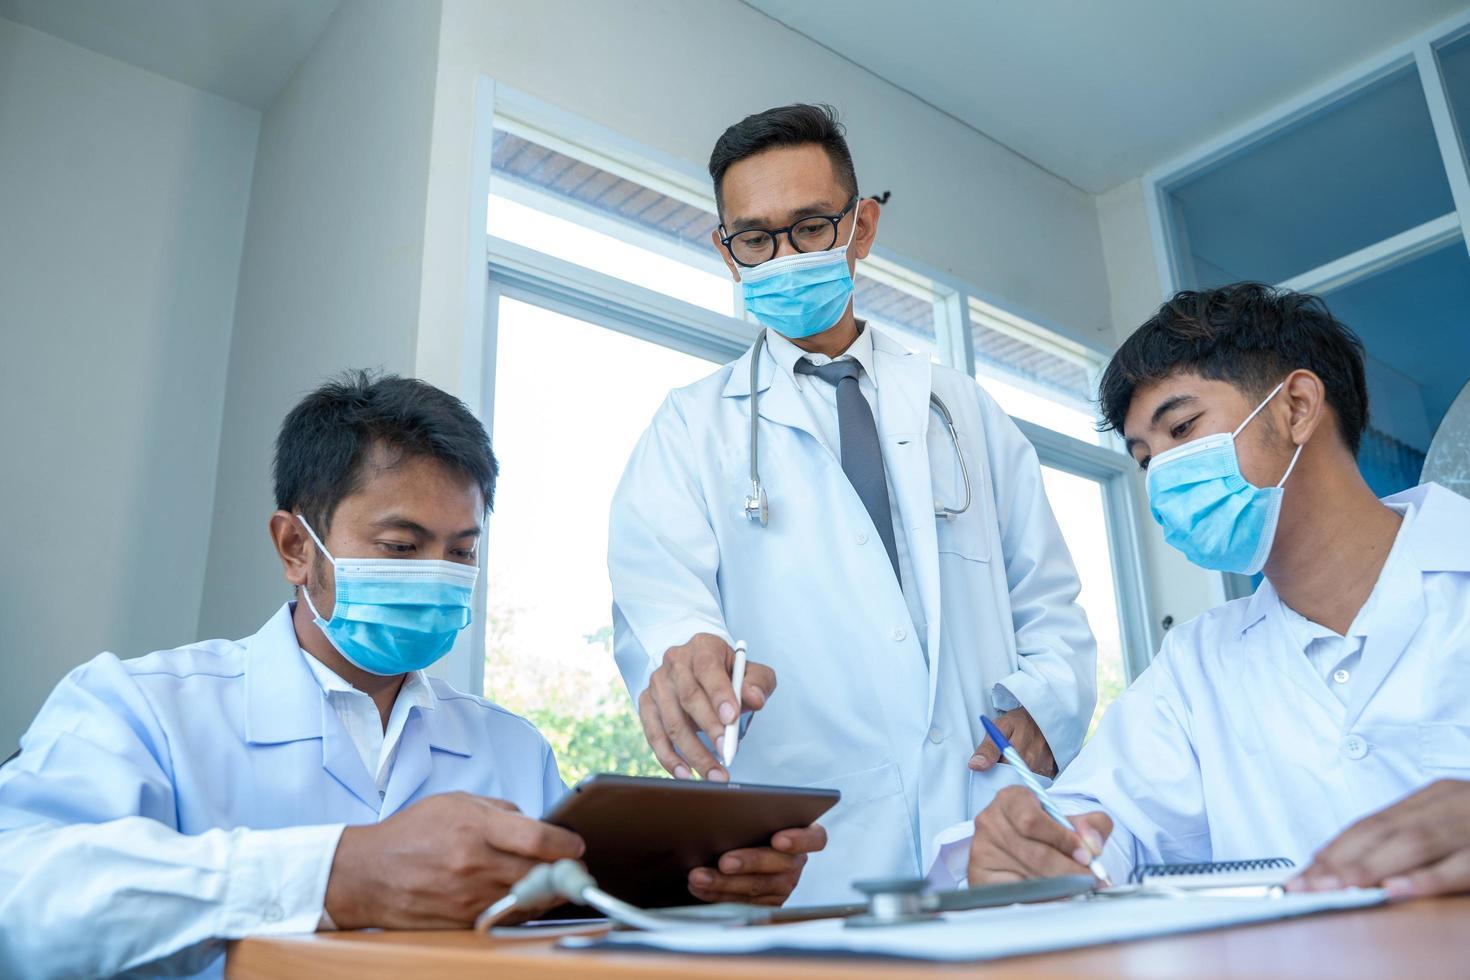 hommes avec des blouses de laboratoire et des masques faciaux photo